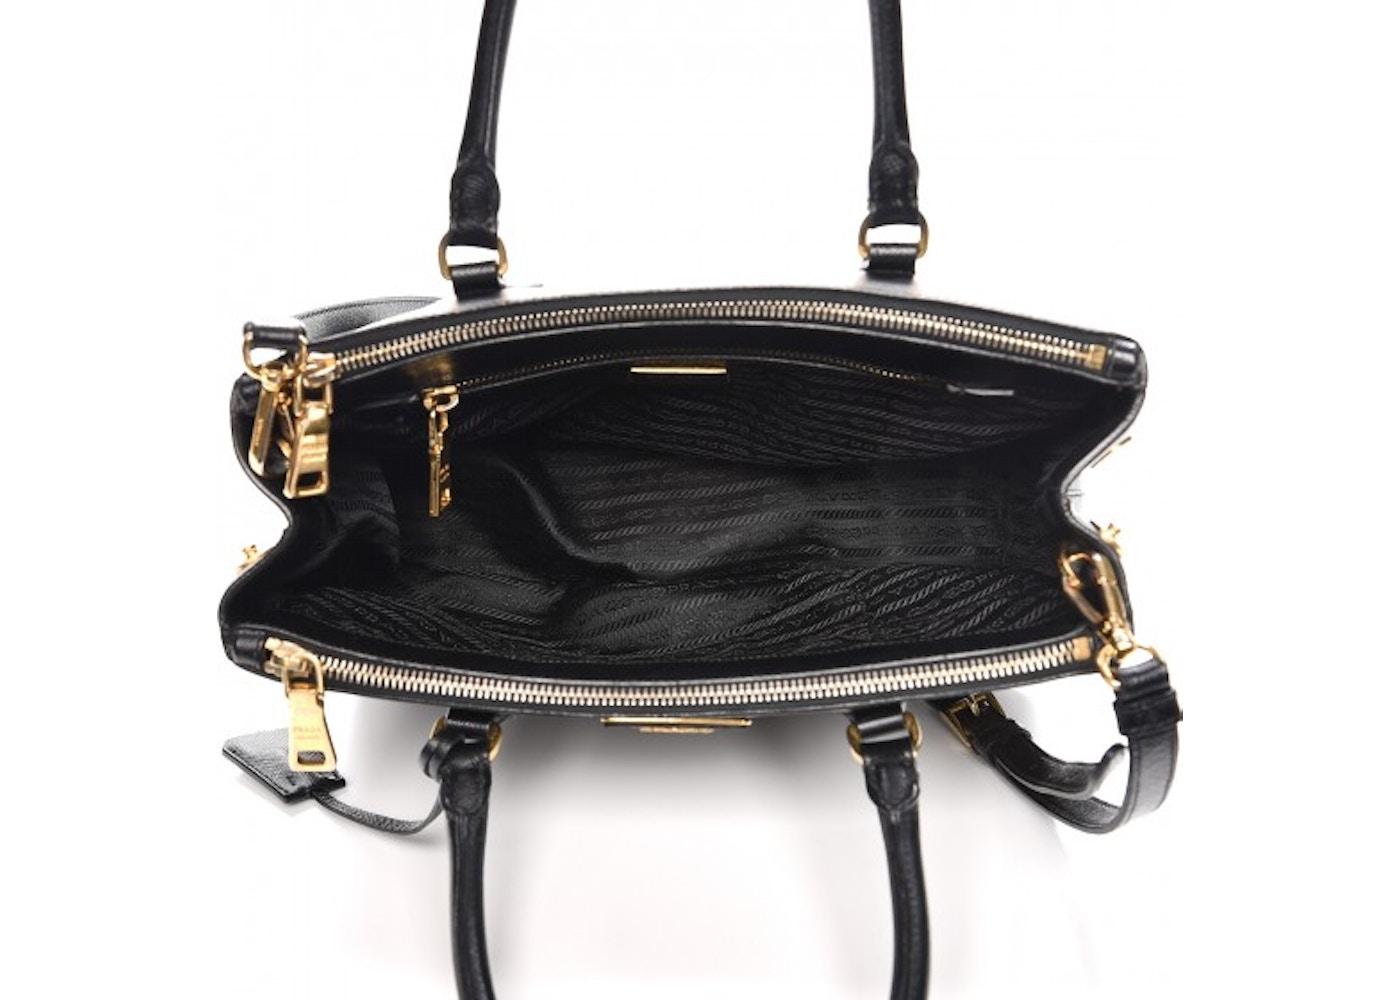 3790f986d414 Prada Galleria Double Zip Tote Saffiano Small Nero Black